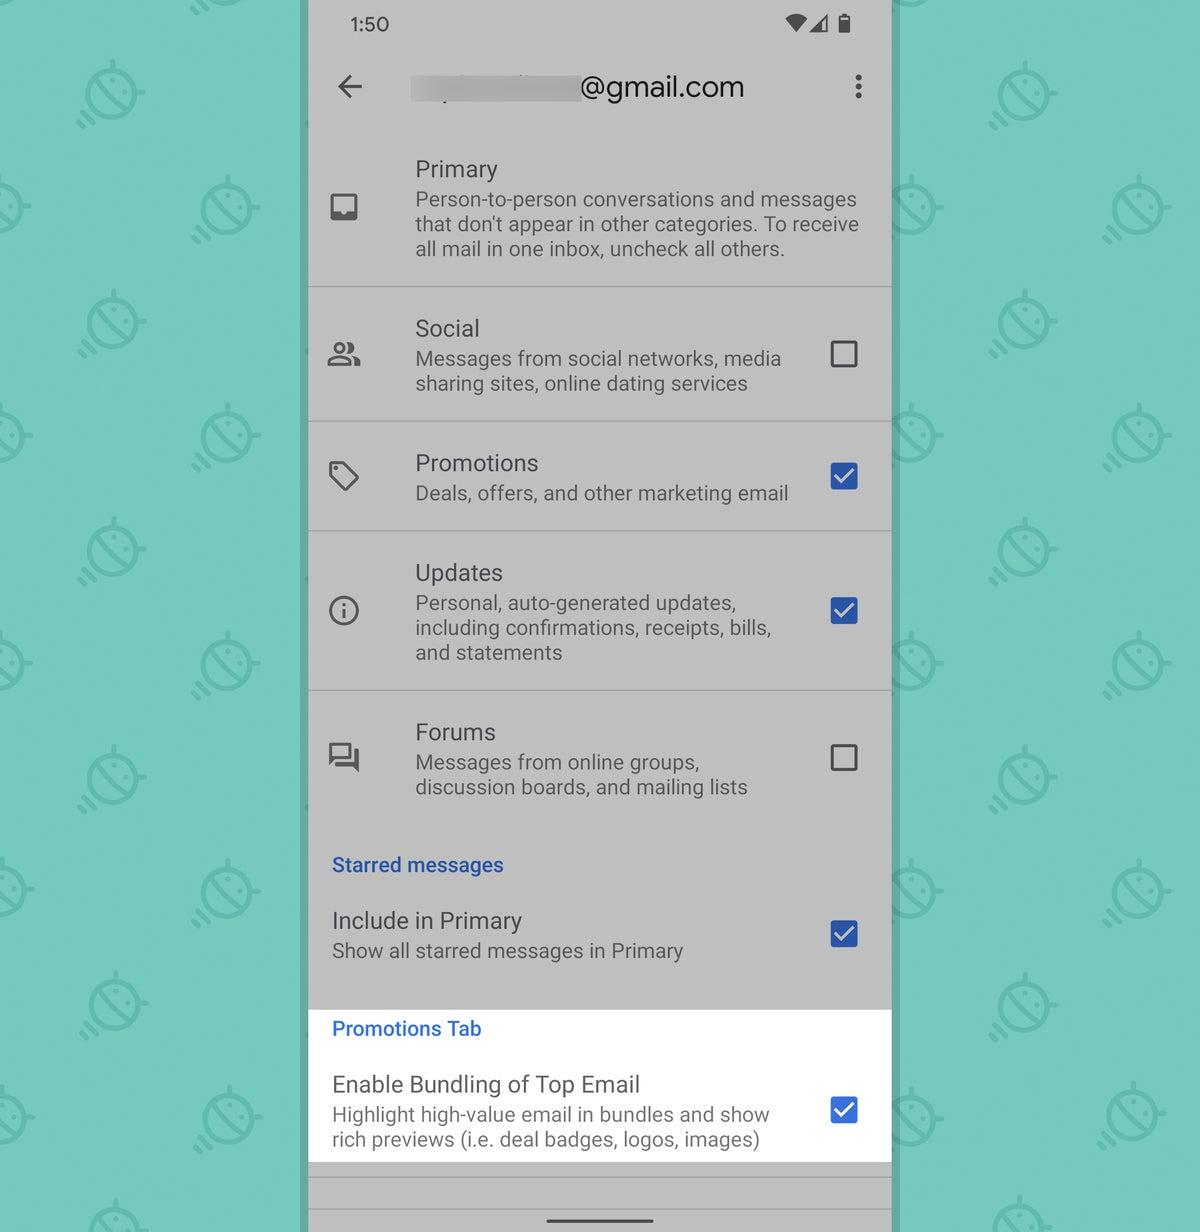 Aplicación de Gmail para Android: configuración de promociones